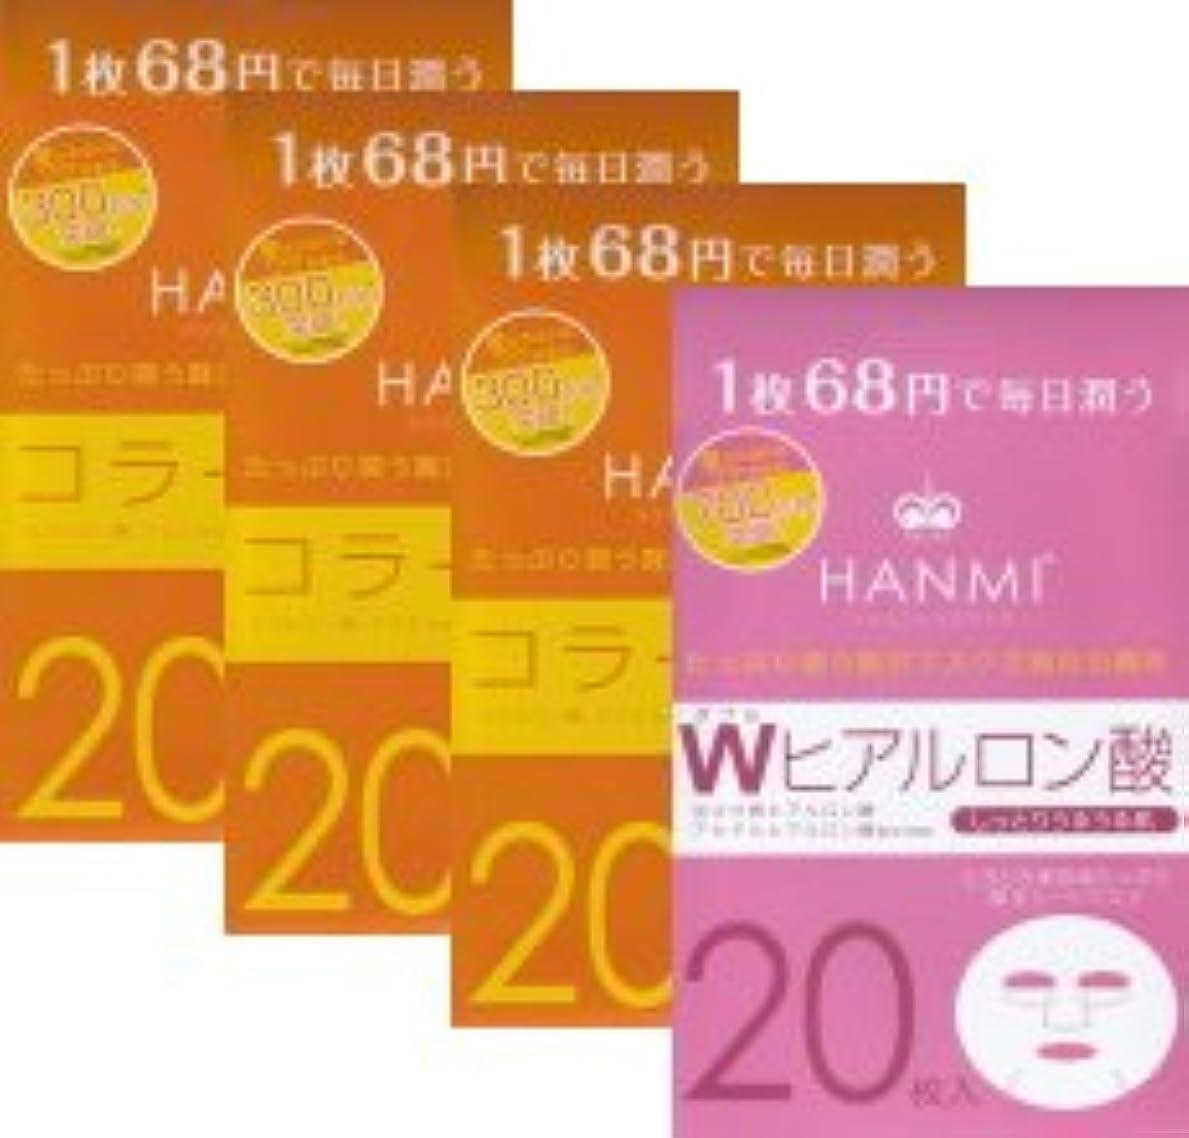 東方汚染する黒人MIGAKI ハンミフェイスマスク(20枚入り)「コラーゲン×3個」「Wヒアルロン酸×1個」の4個セット